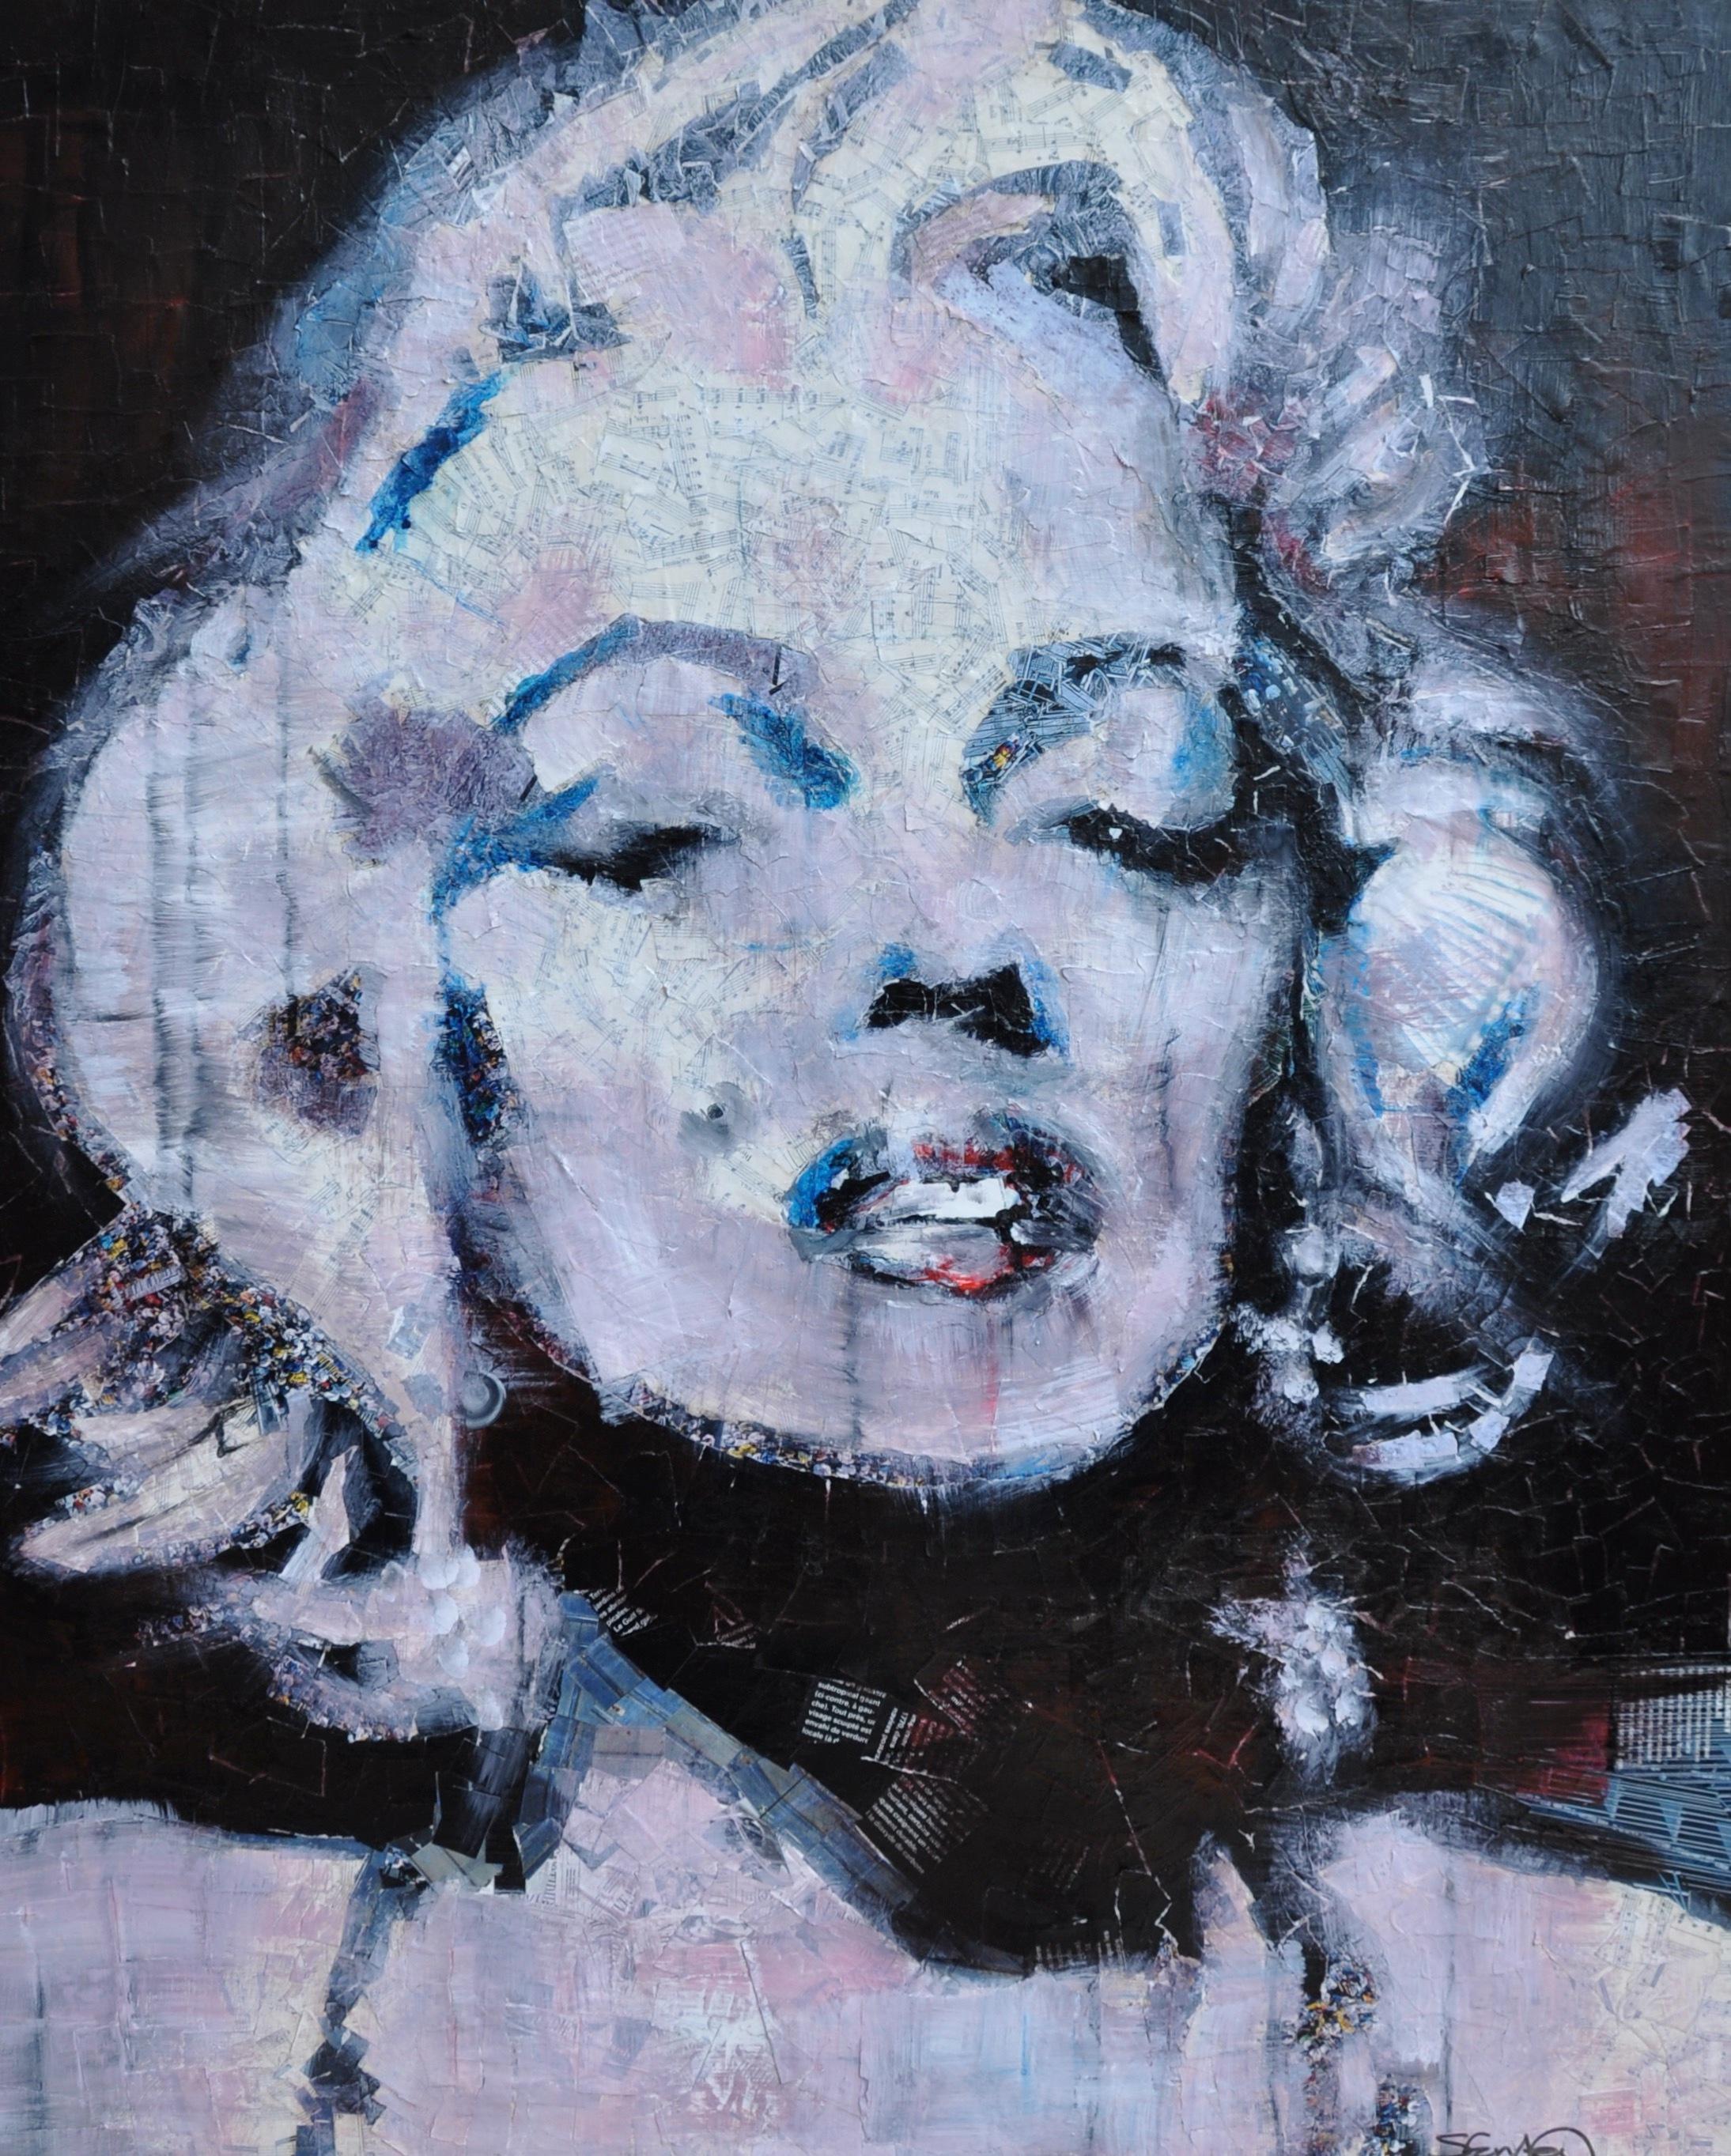 Monroe collage by steph fonteyn alacyb